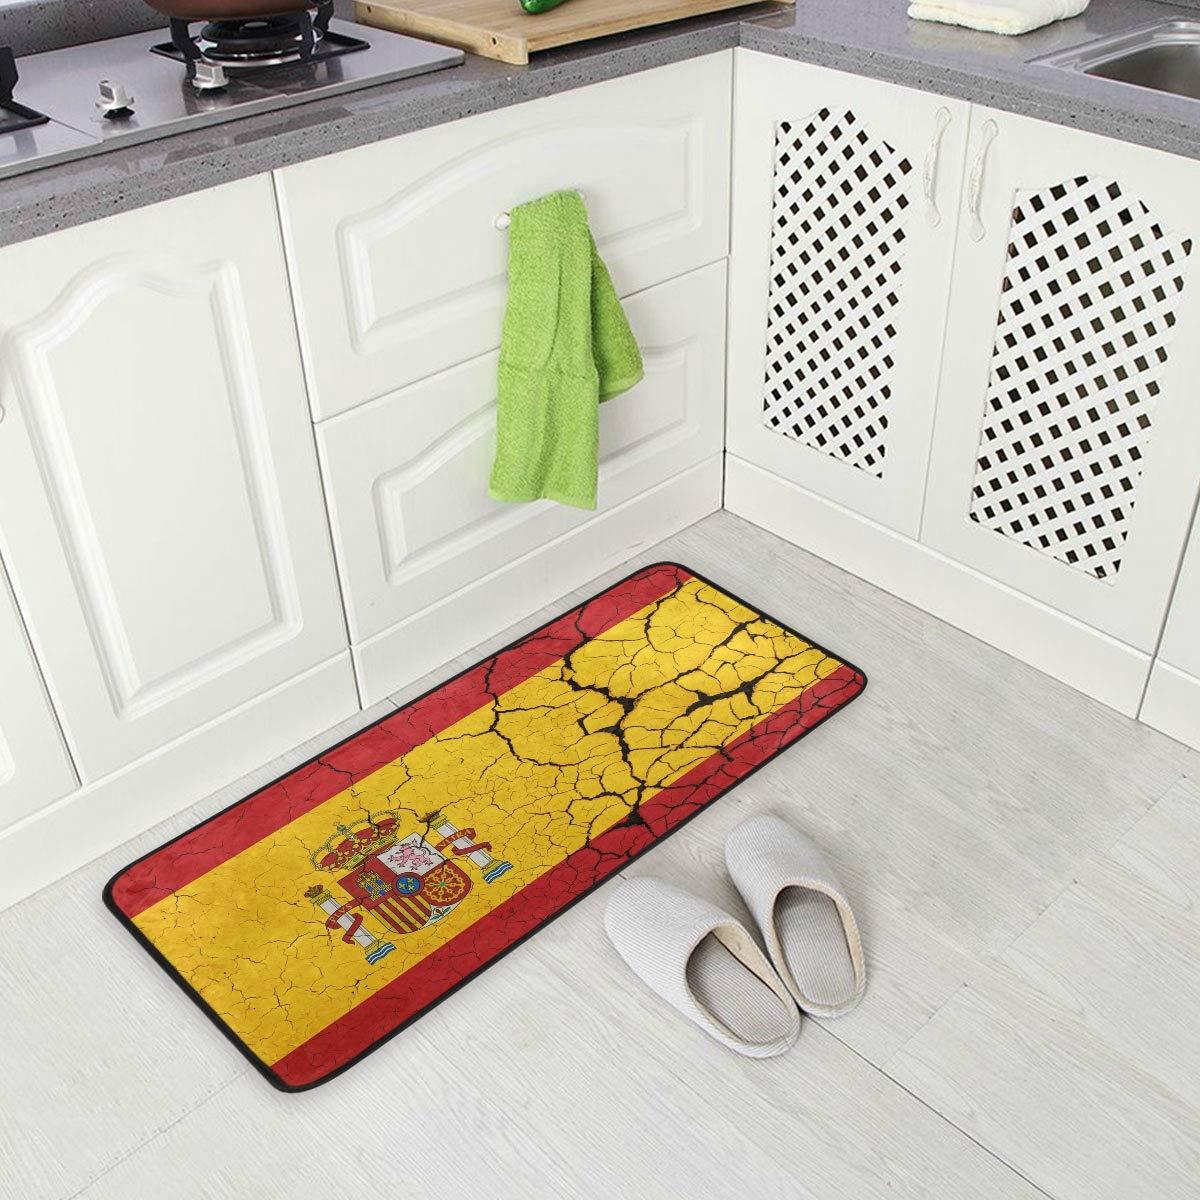 SENNSEE - Felpudo de cocina, diseño abstracto de la bandera de España: Amazon.es: Hogar